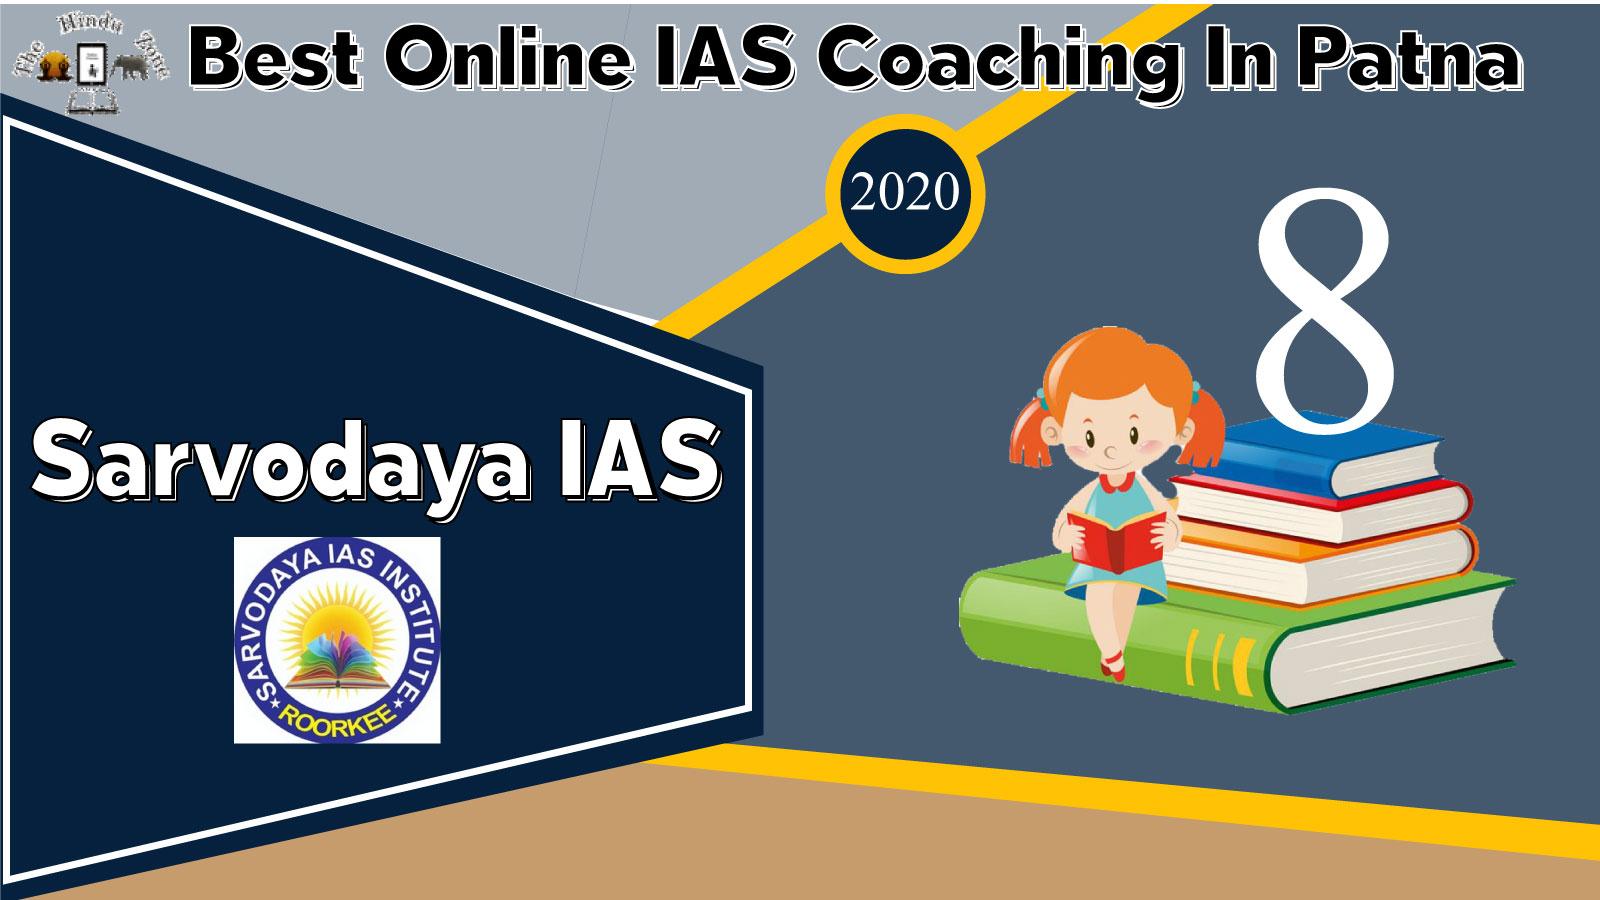 Sarvodaya IAS Academy in Patna